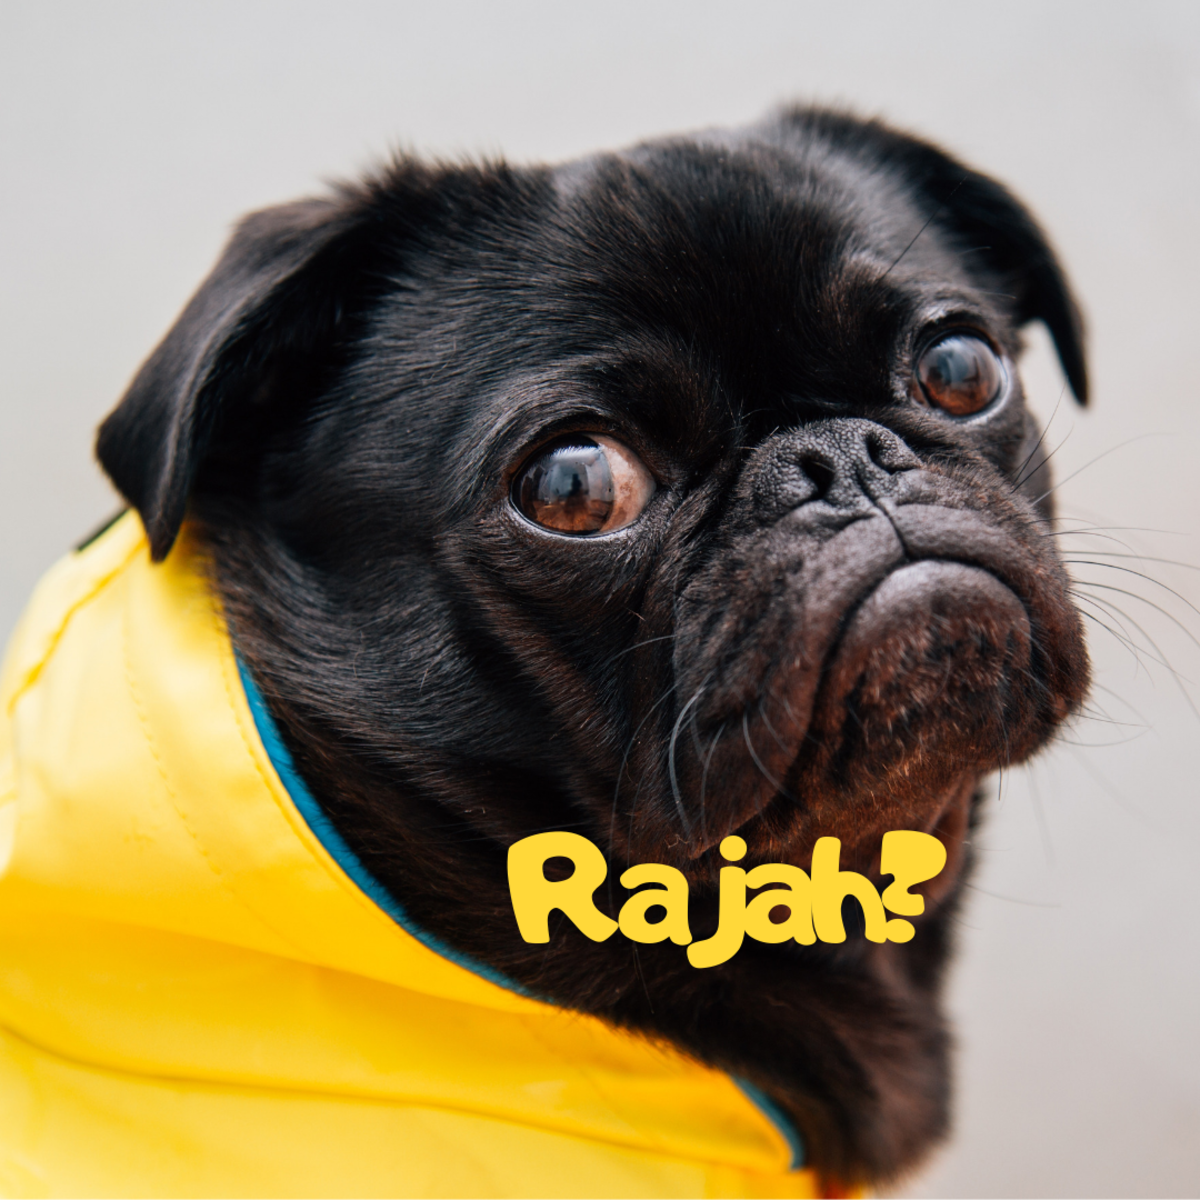 Is he a Rajah?